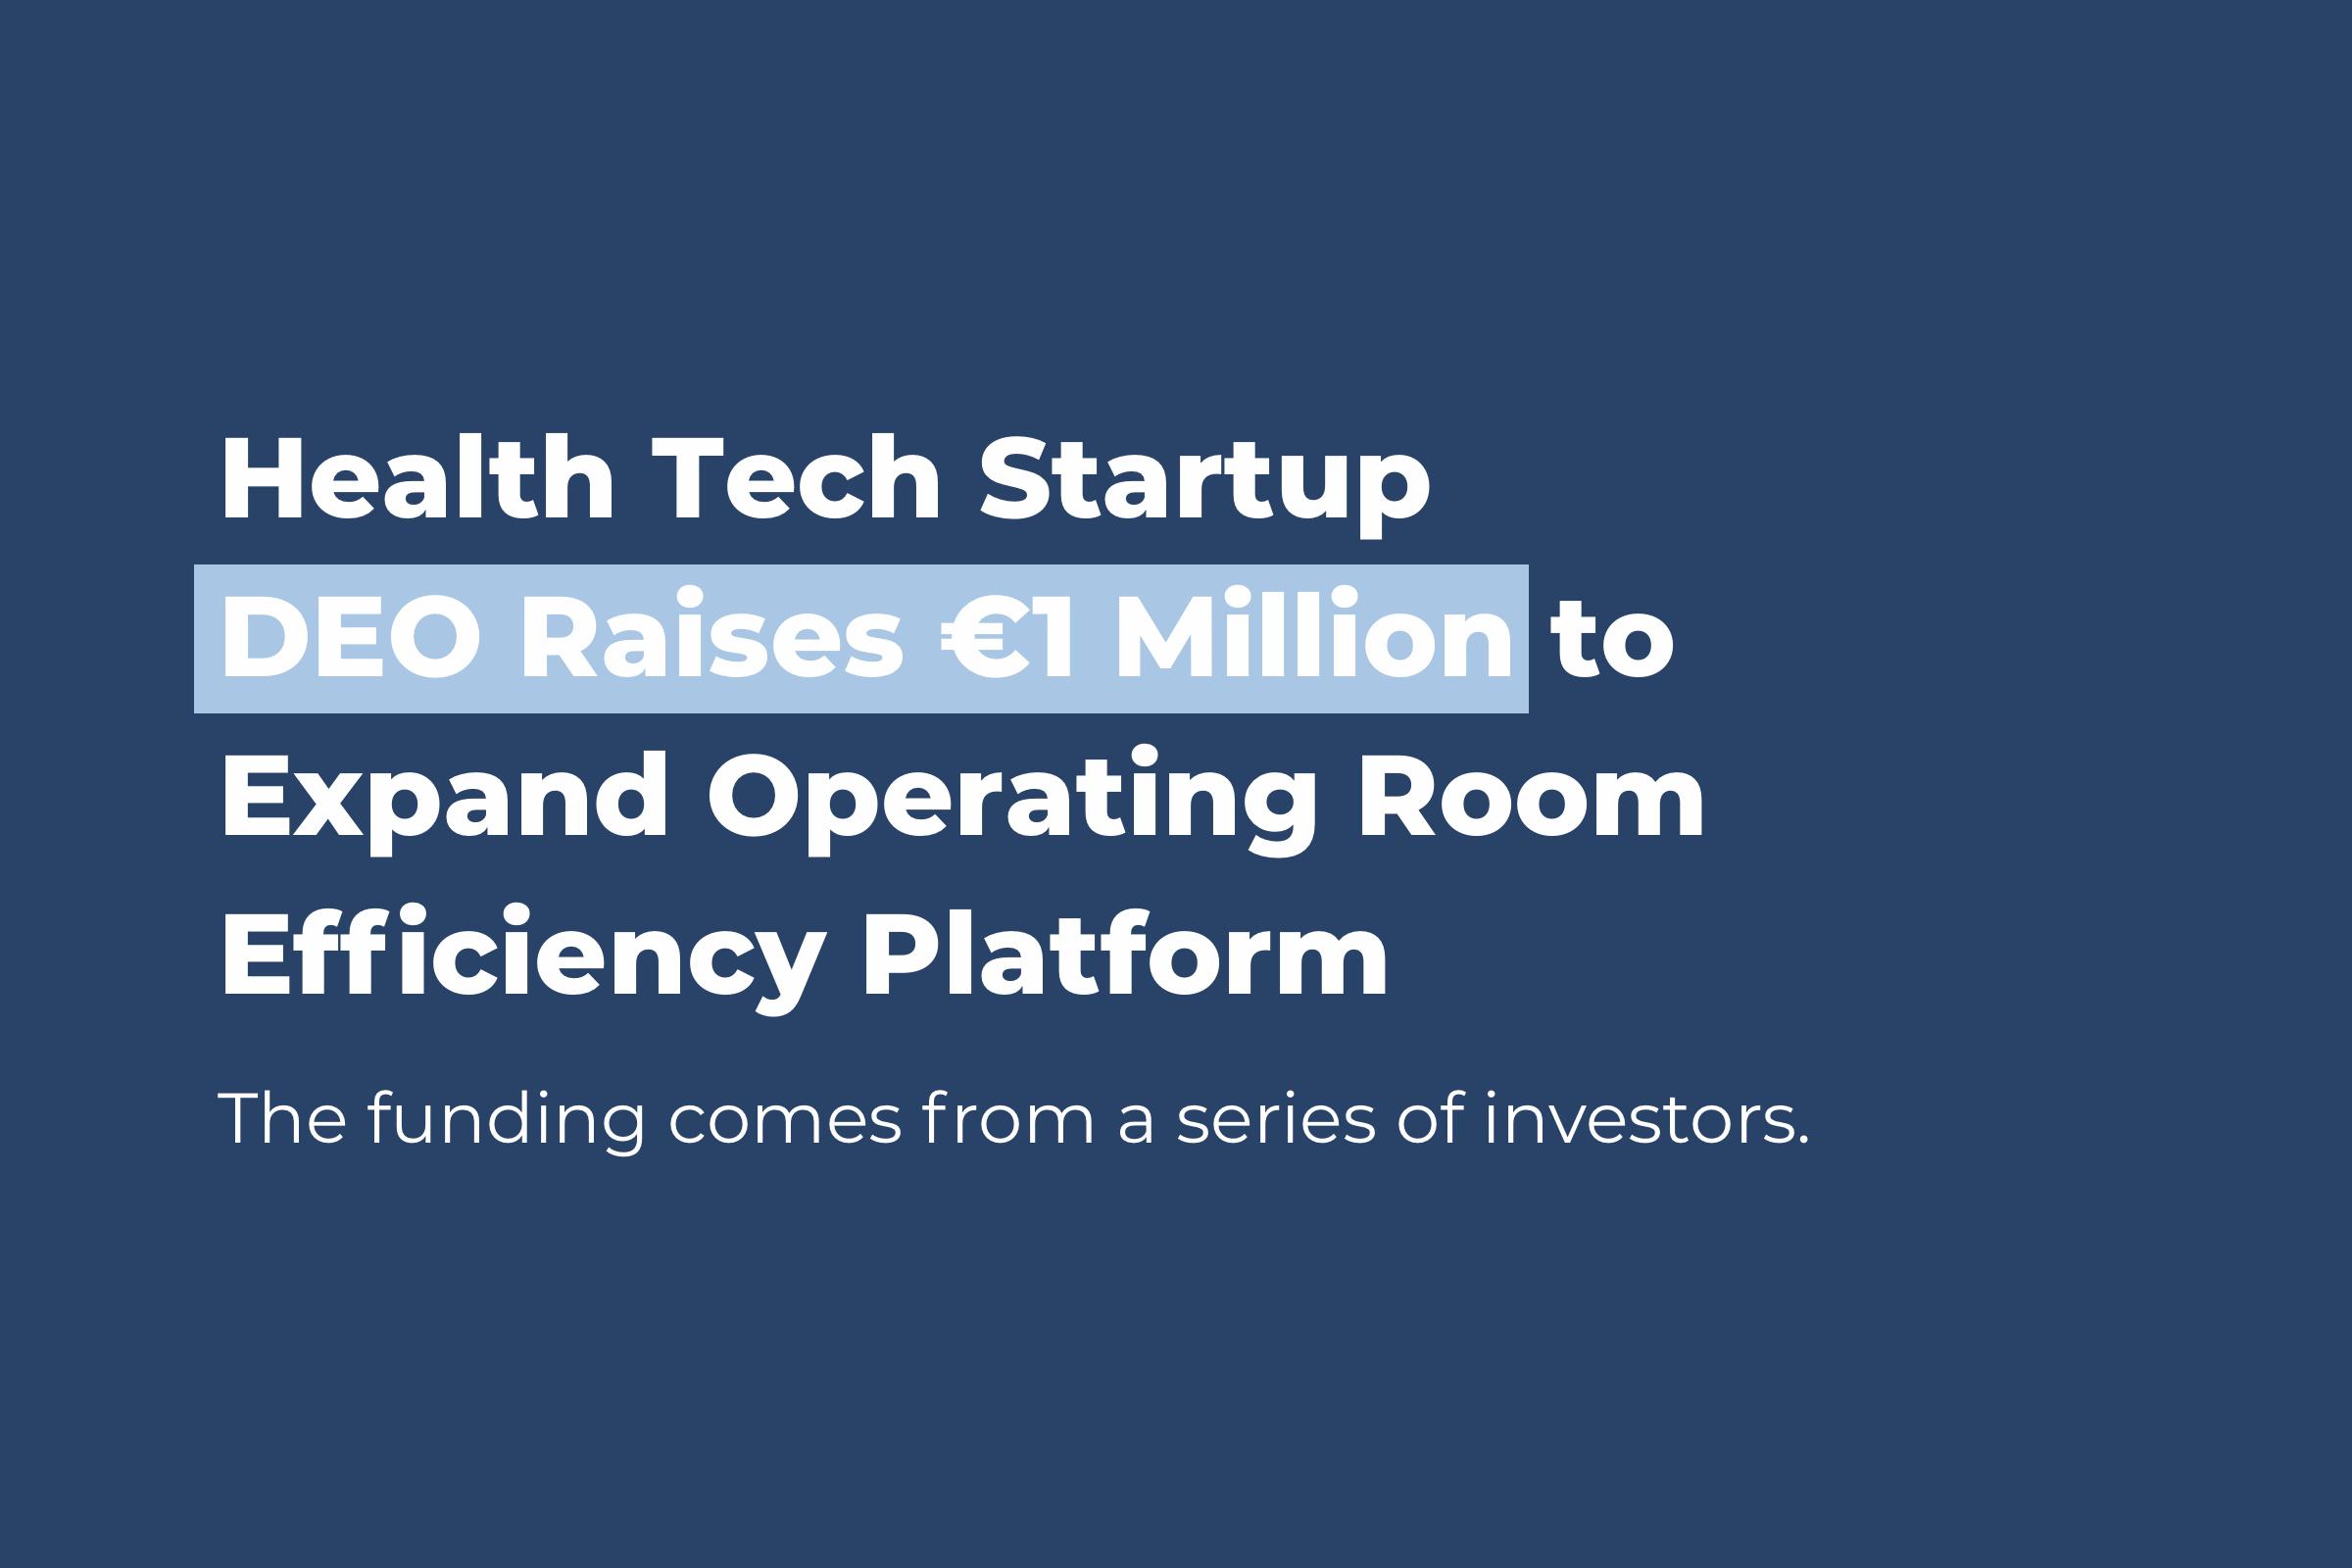 DEO raises 1 million, OR efficiency, or efficiency platform